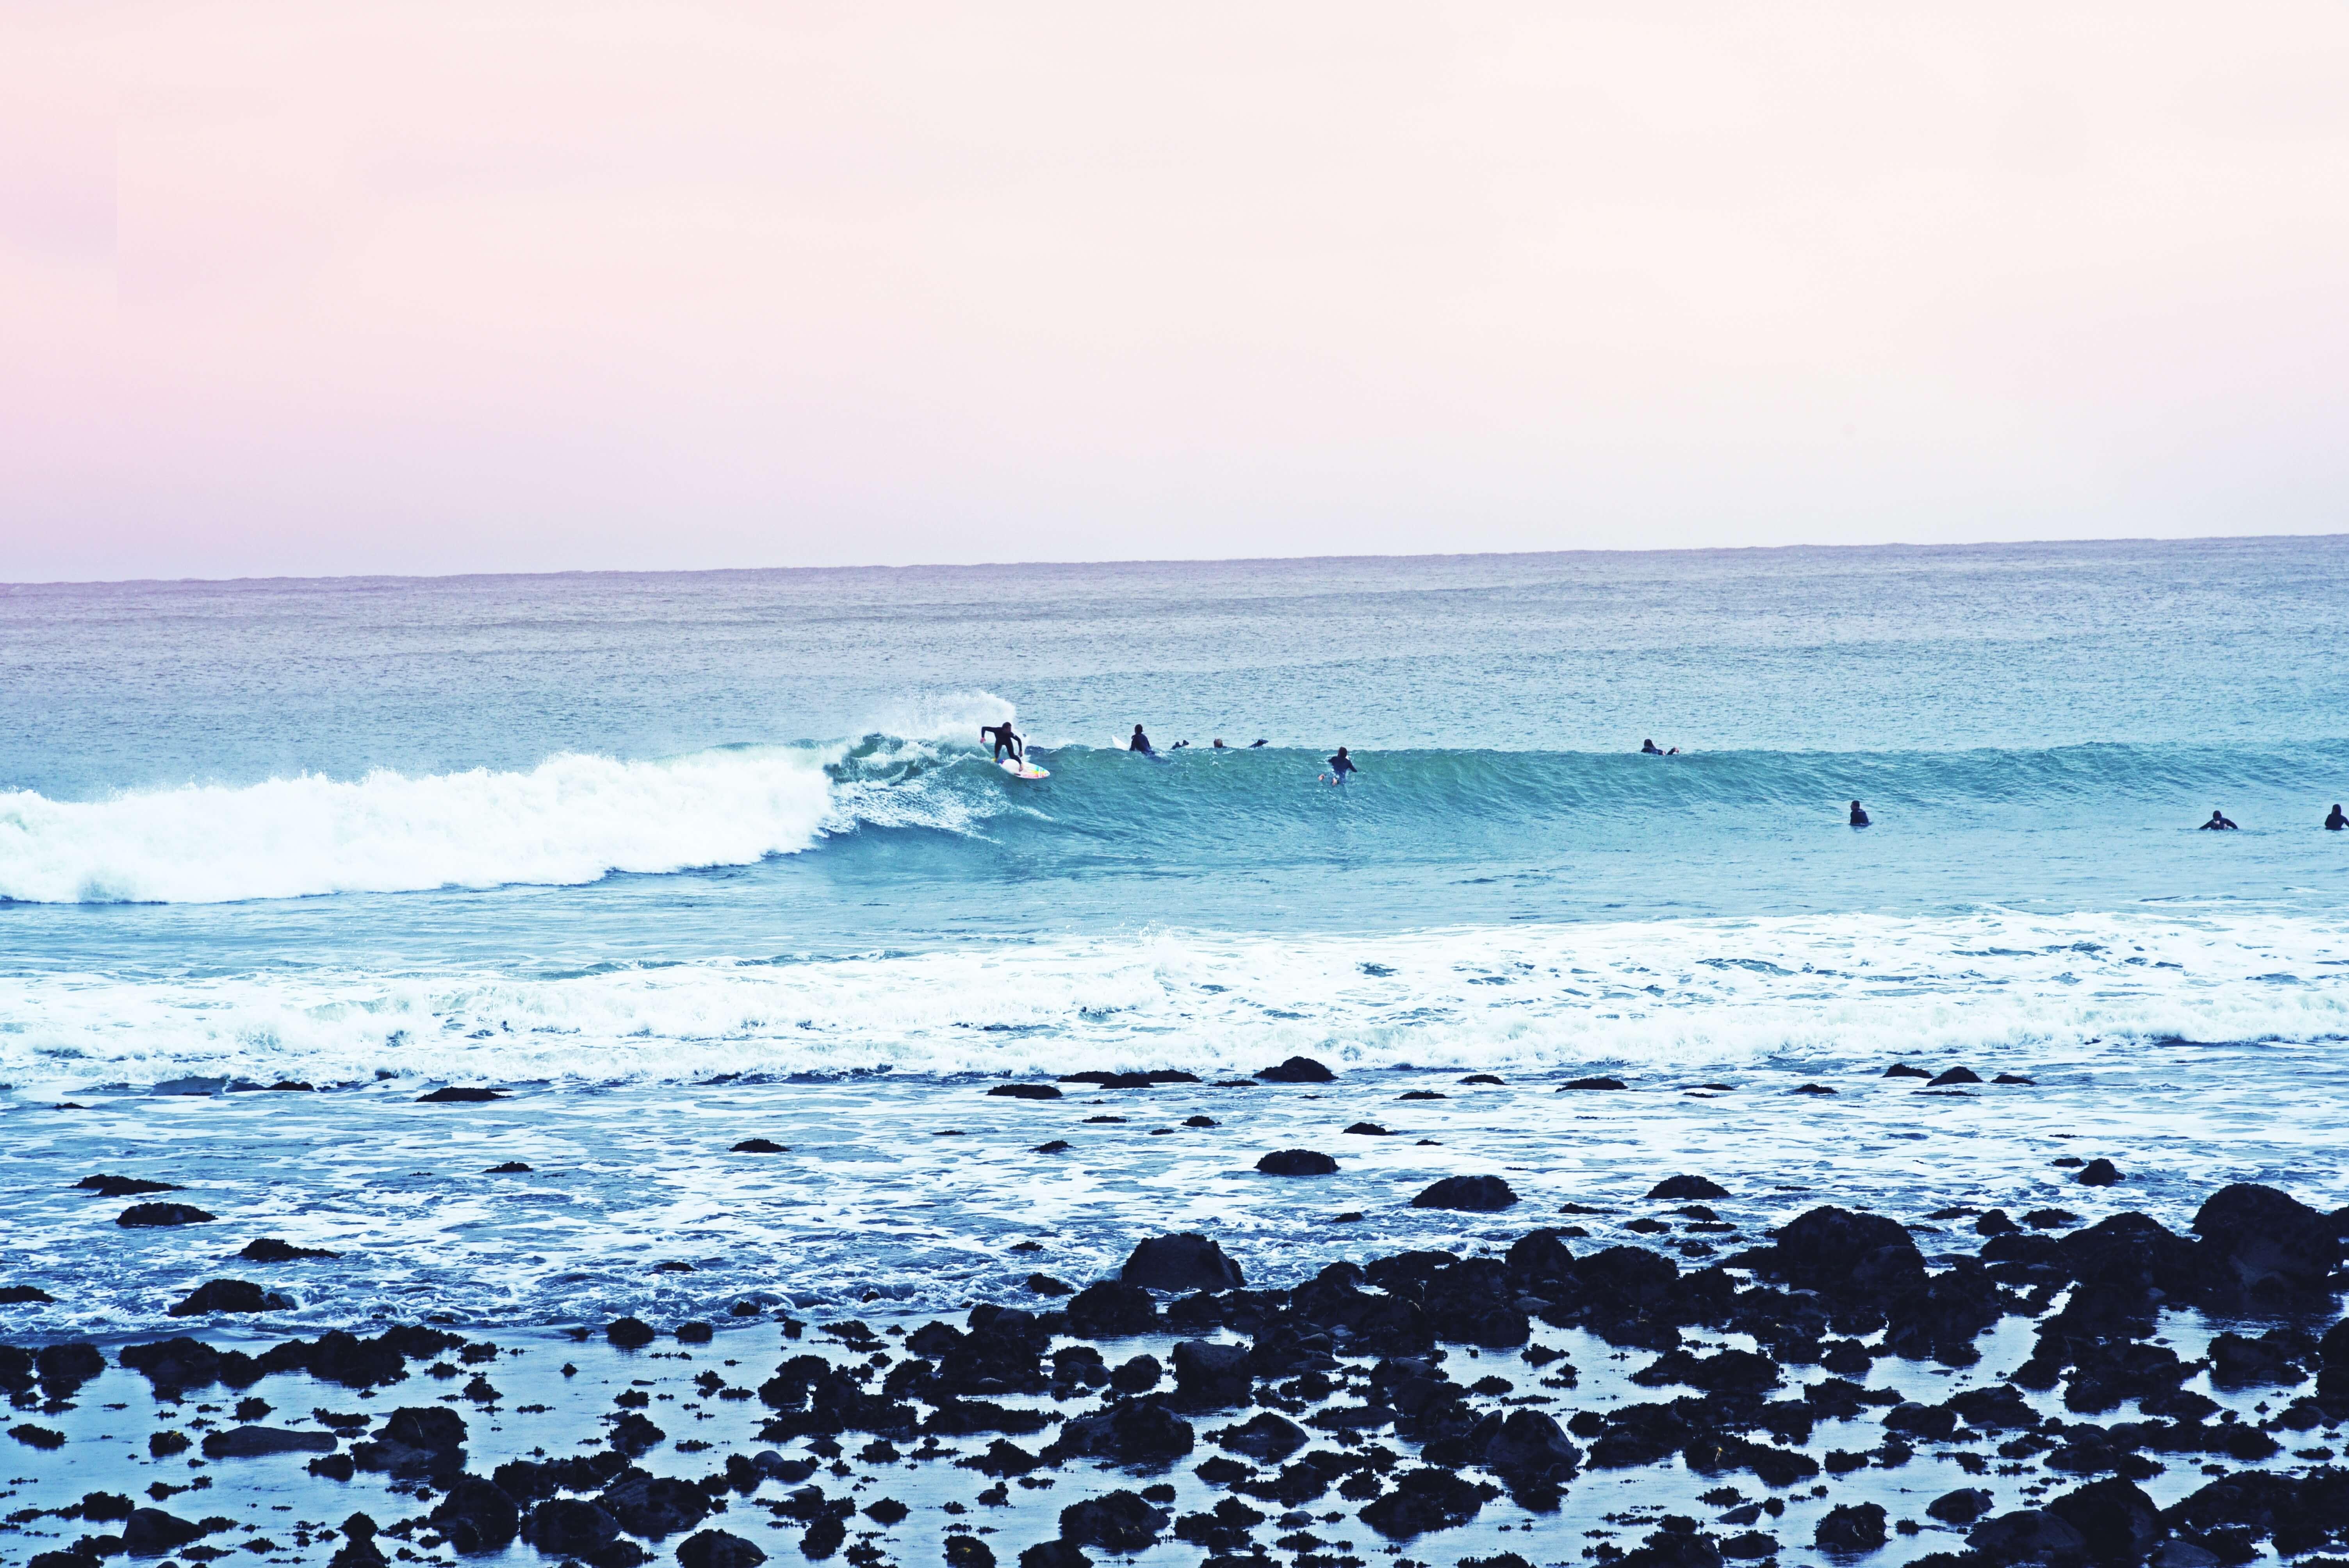 いい波に乗るために~潮の満ち引きの仕組みを知っておく